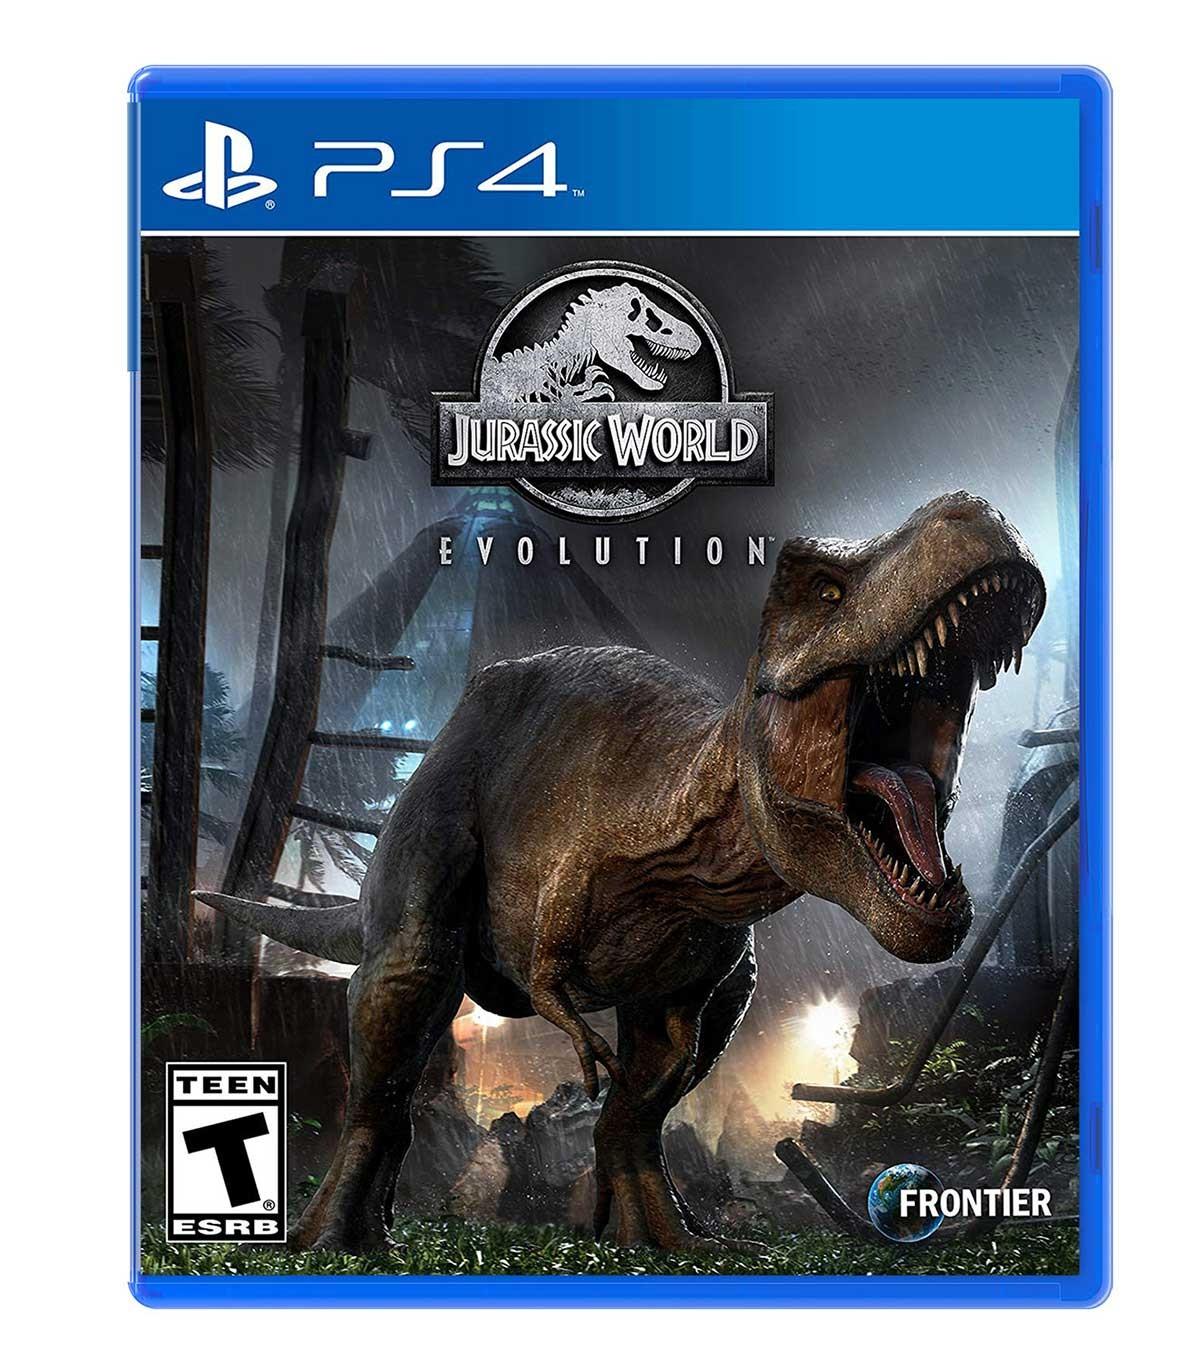 بازی Jurassic World Evolution - پلی استیشن 4